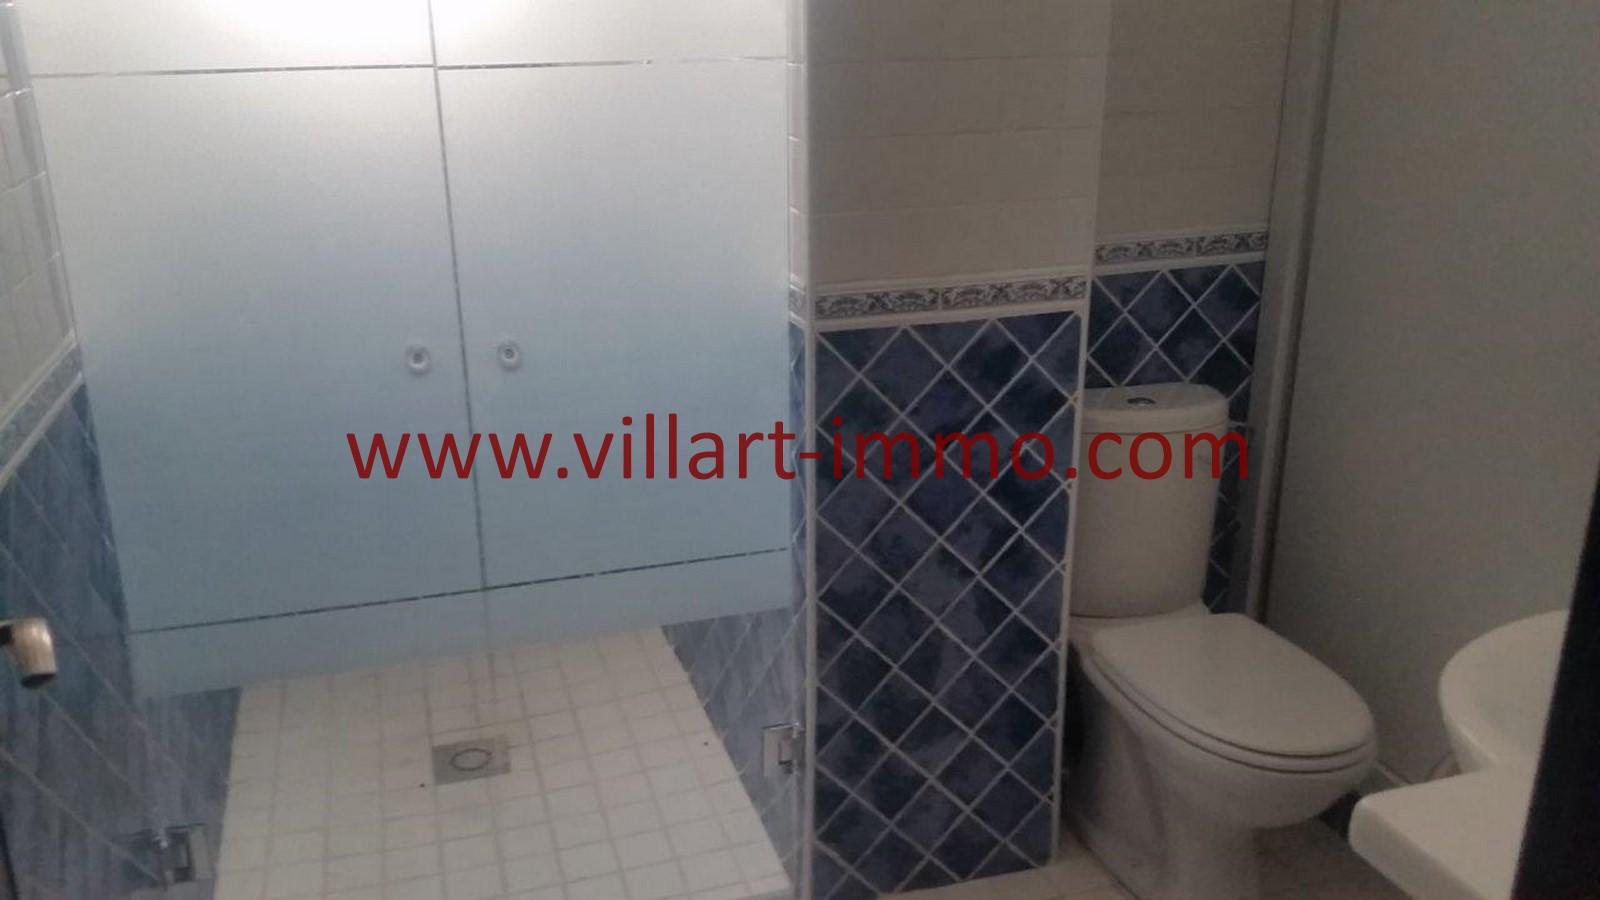 5-location-appartement-meuble-centre-ville-tanger-salle-de-bain-1-l966-villart-immo